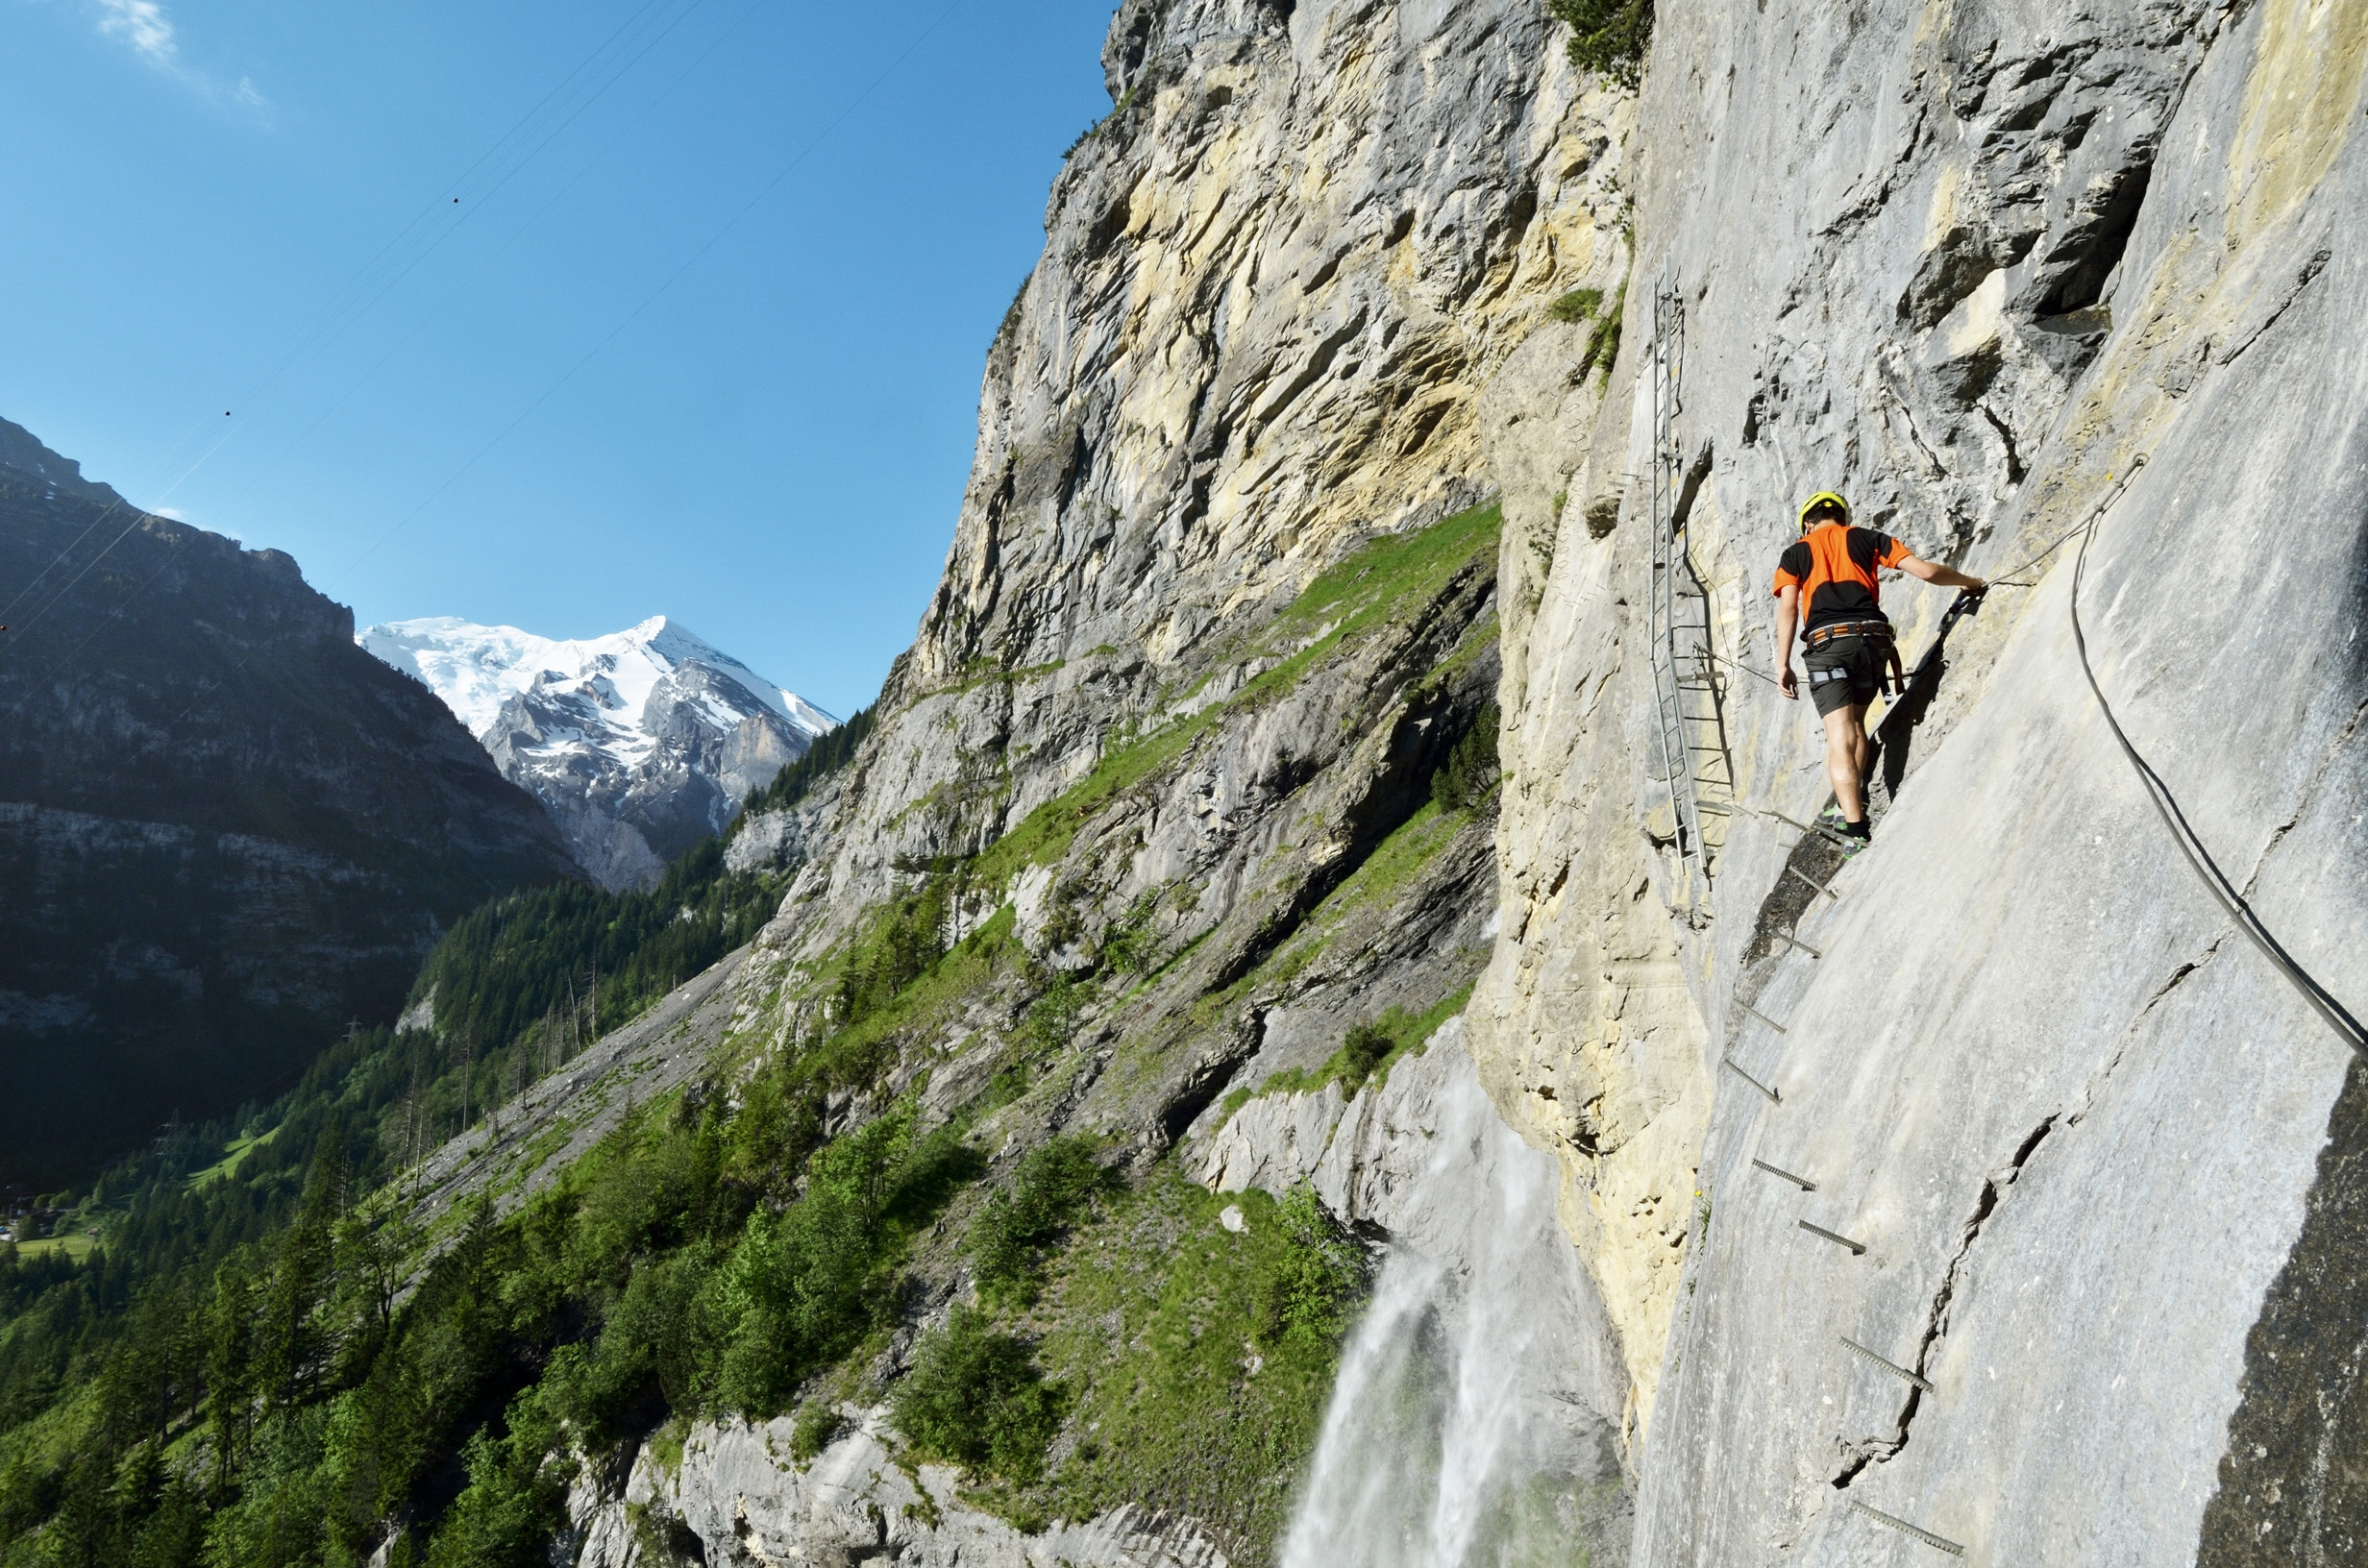 Klettersteig Ostschweiz : Klettersteige schweiz bergwelten